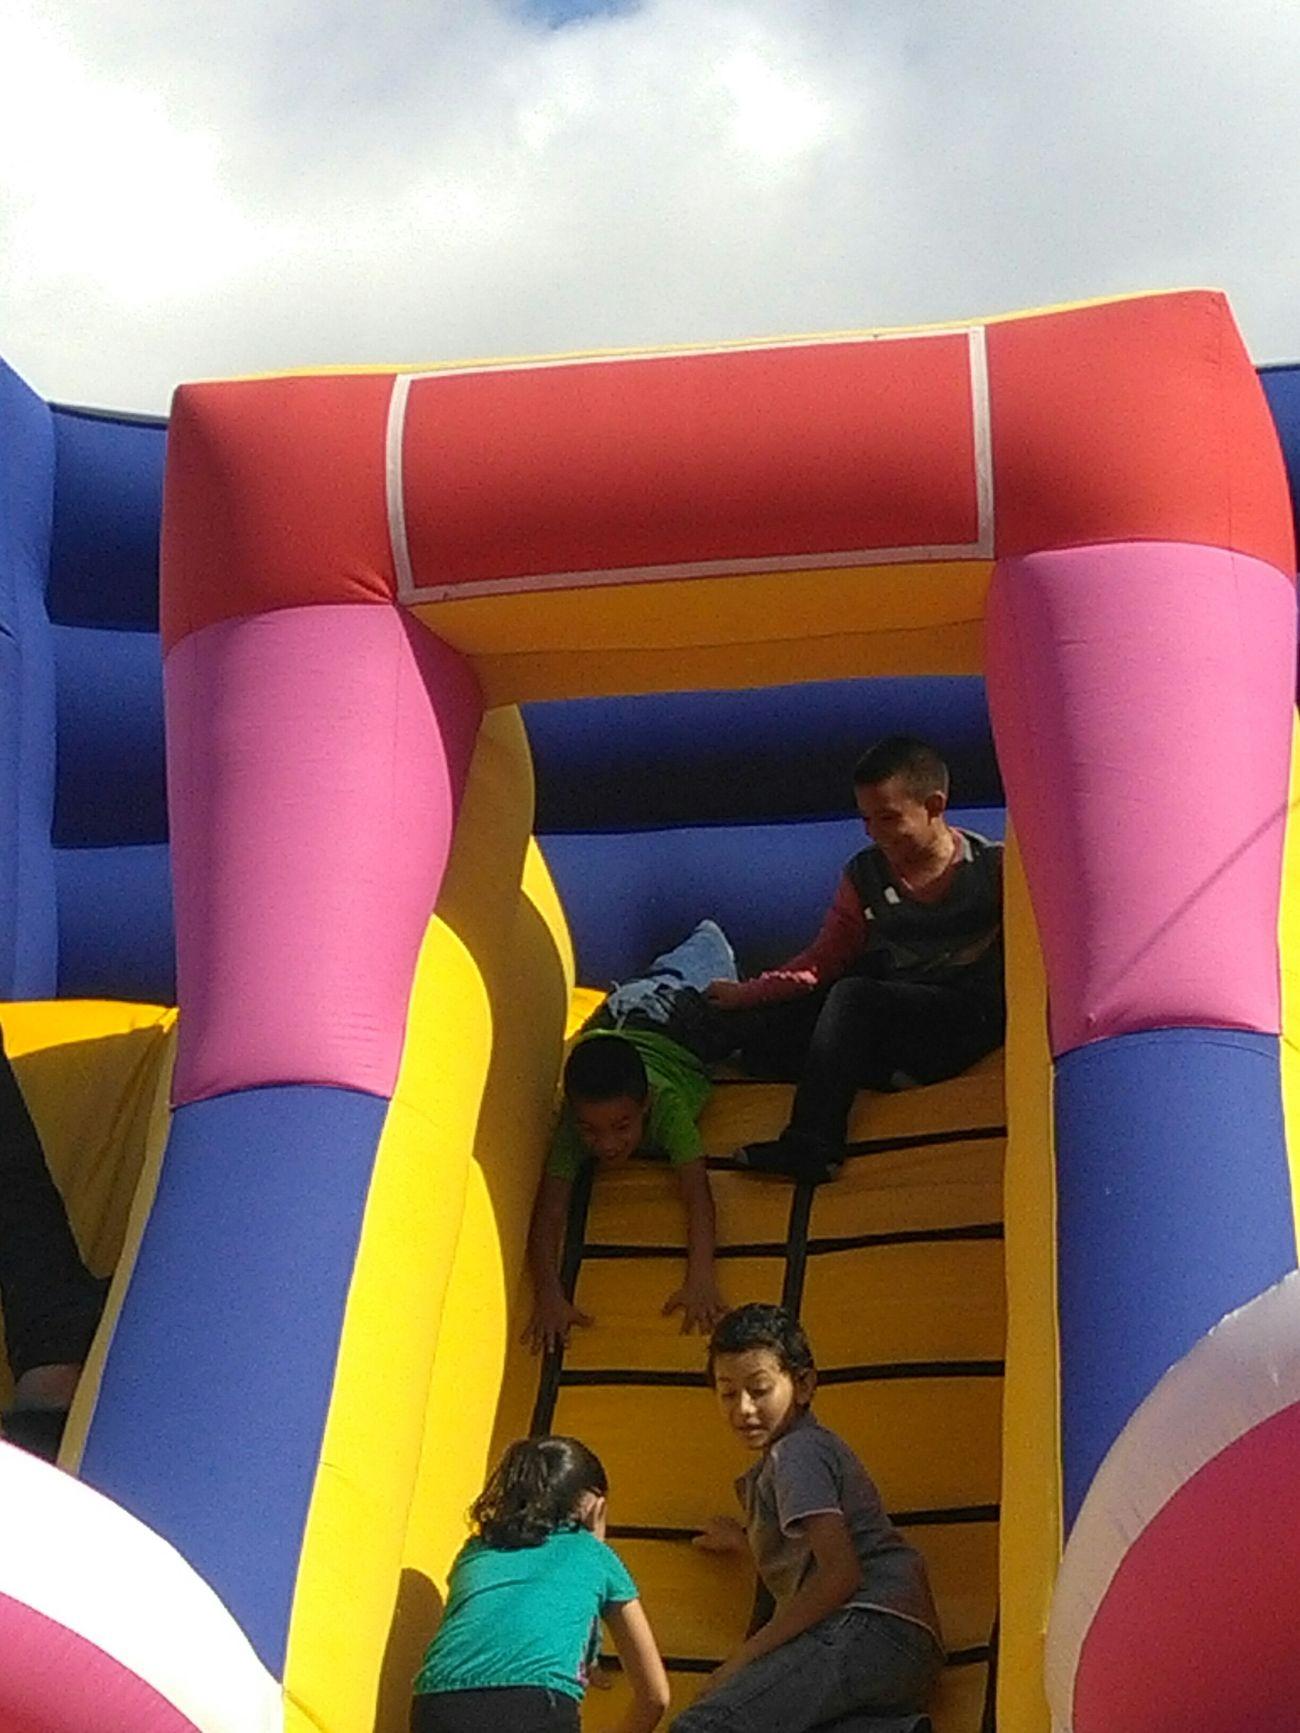 Juegos De Niños Jugando Inflables Relaxing Moments Color Photography Divercion